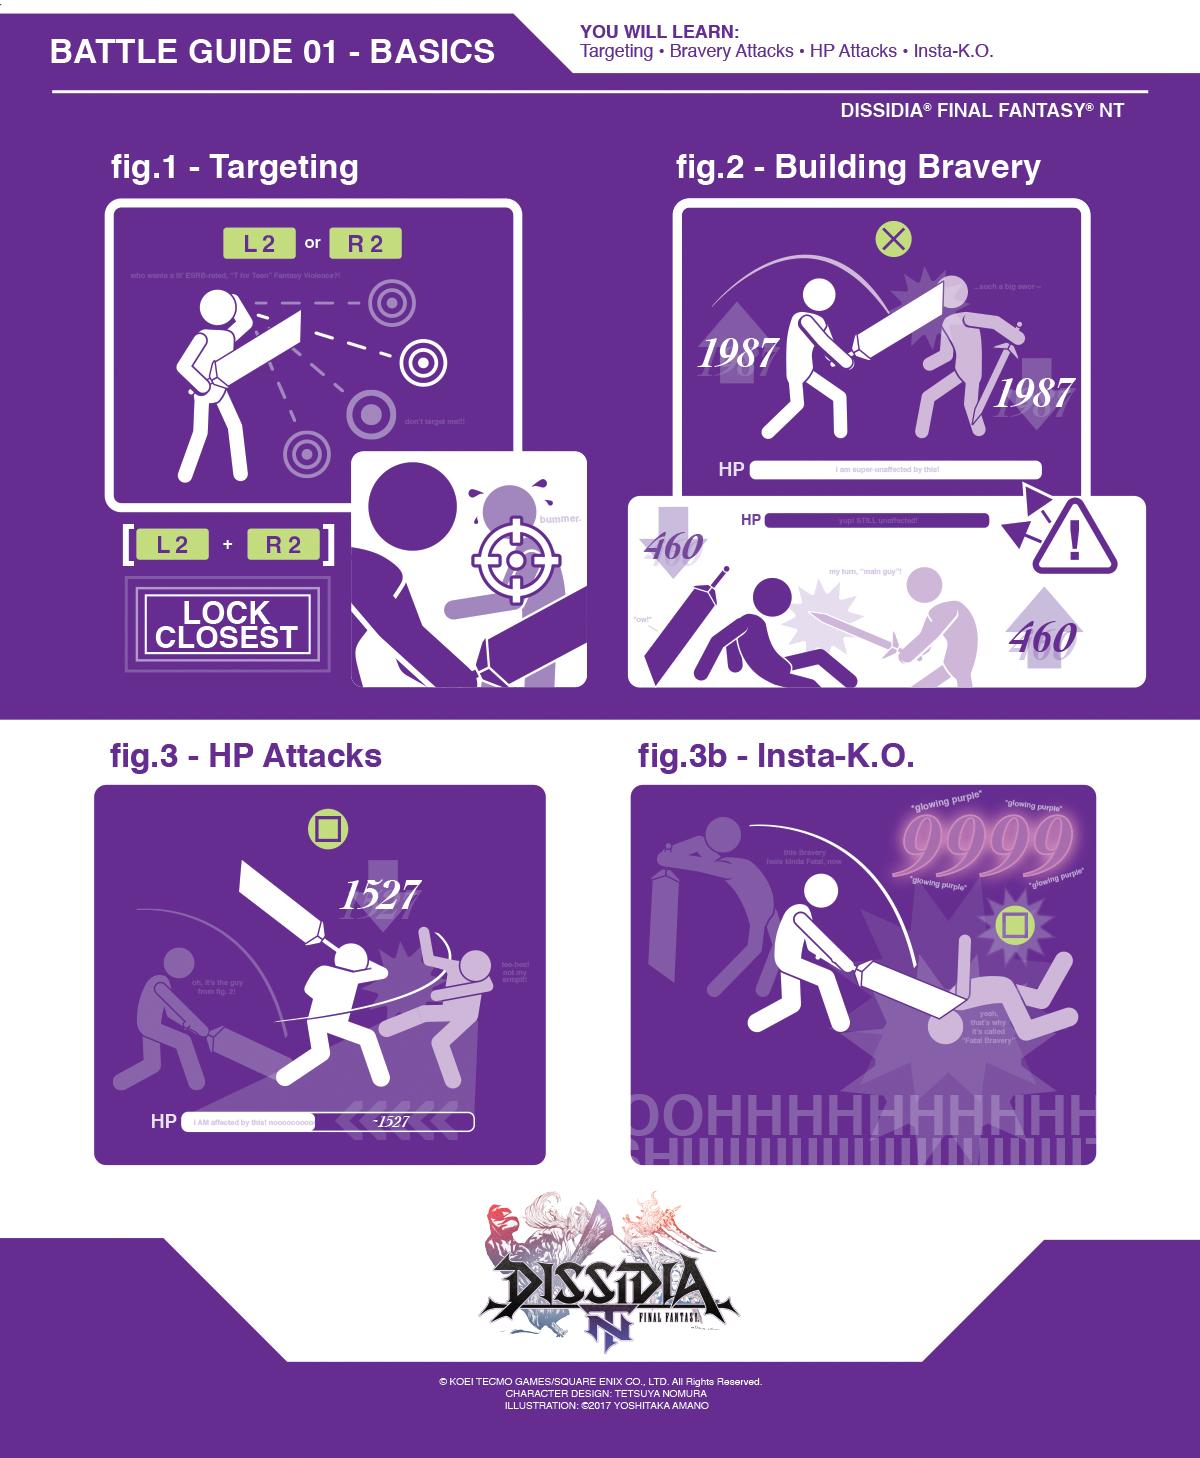 Square Enix dévoile de nouveaux tutoriels pourDISSIDIAFINAL FANTASYNT